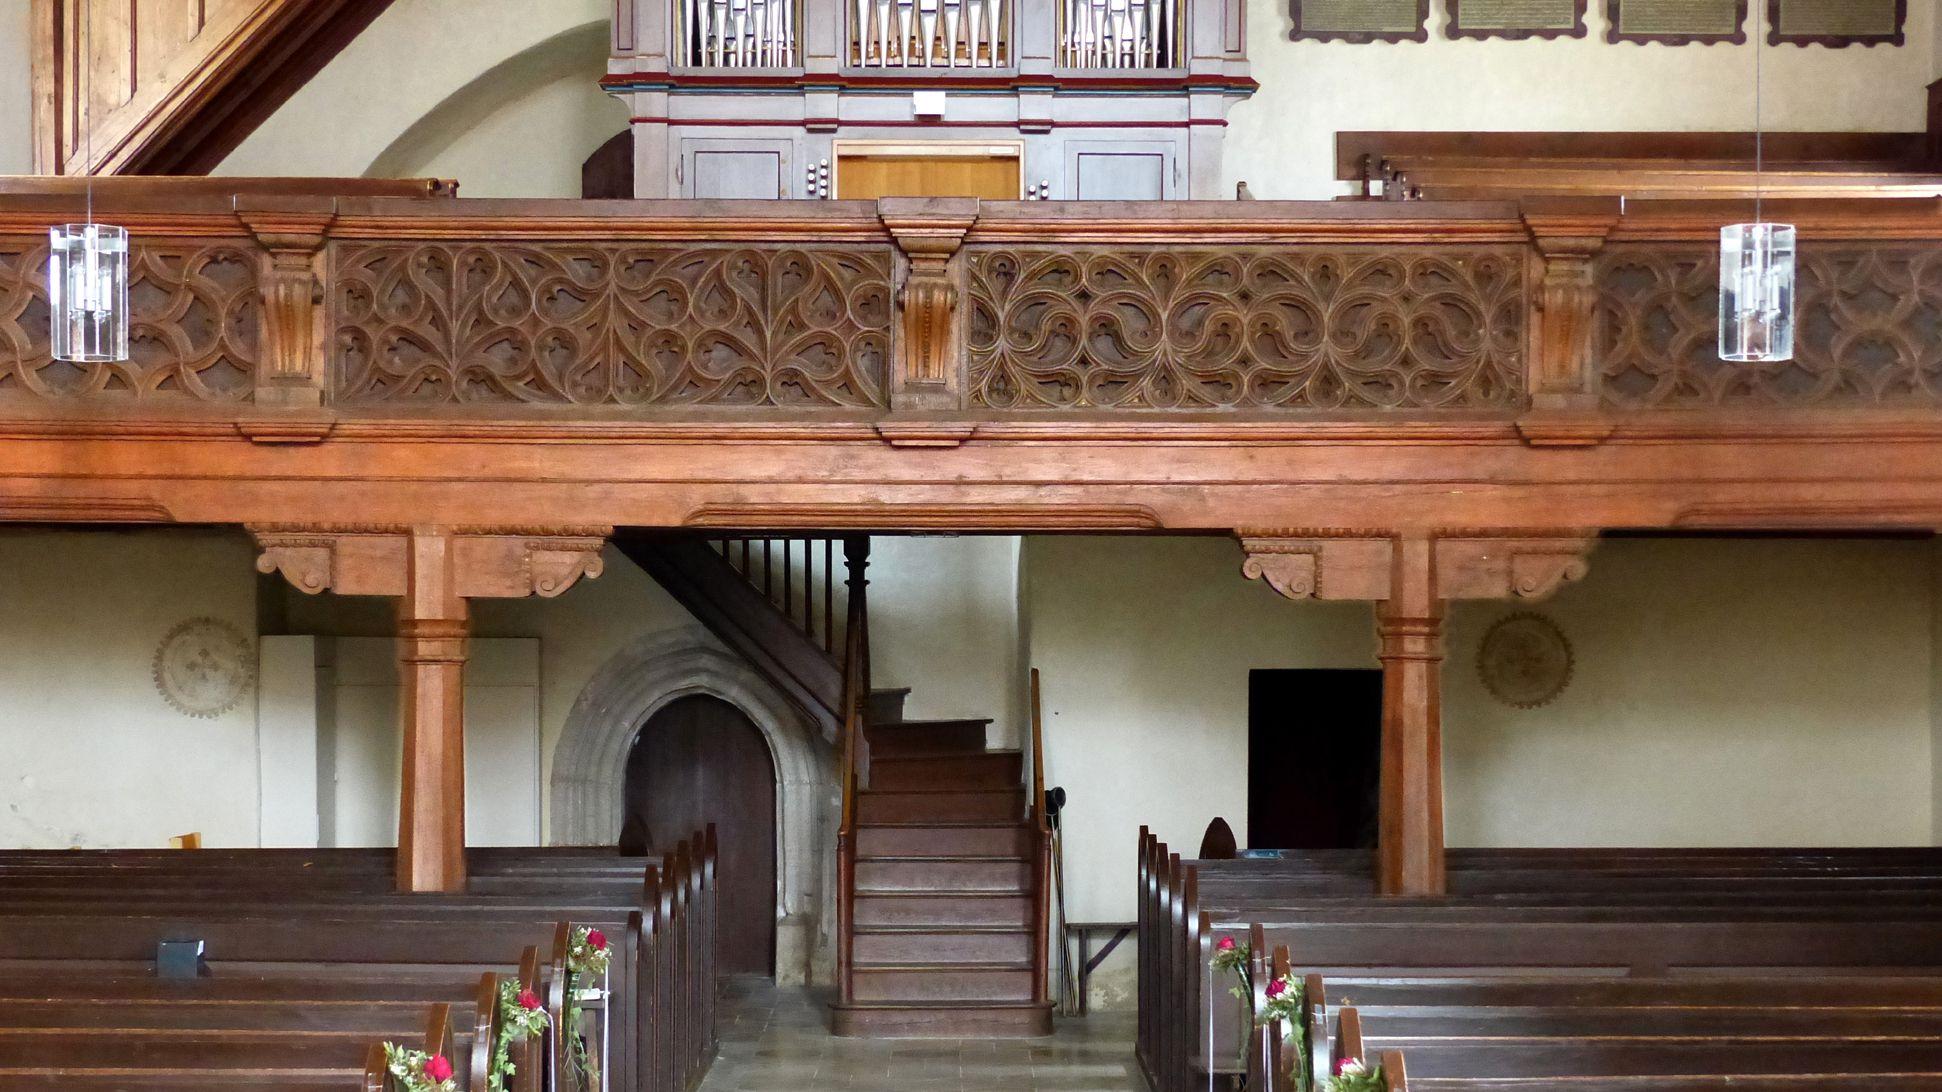 Holzemporen in der Kirche St. Marien und Christophorus, Kalbensteinberg Orgelempore, Gesamtansicht